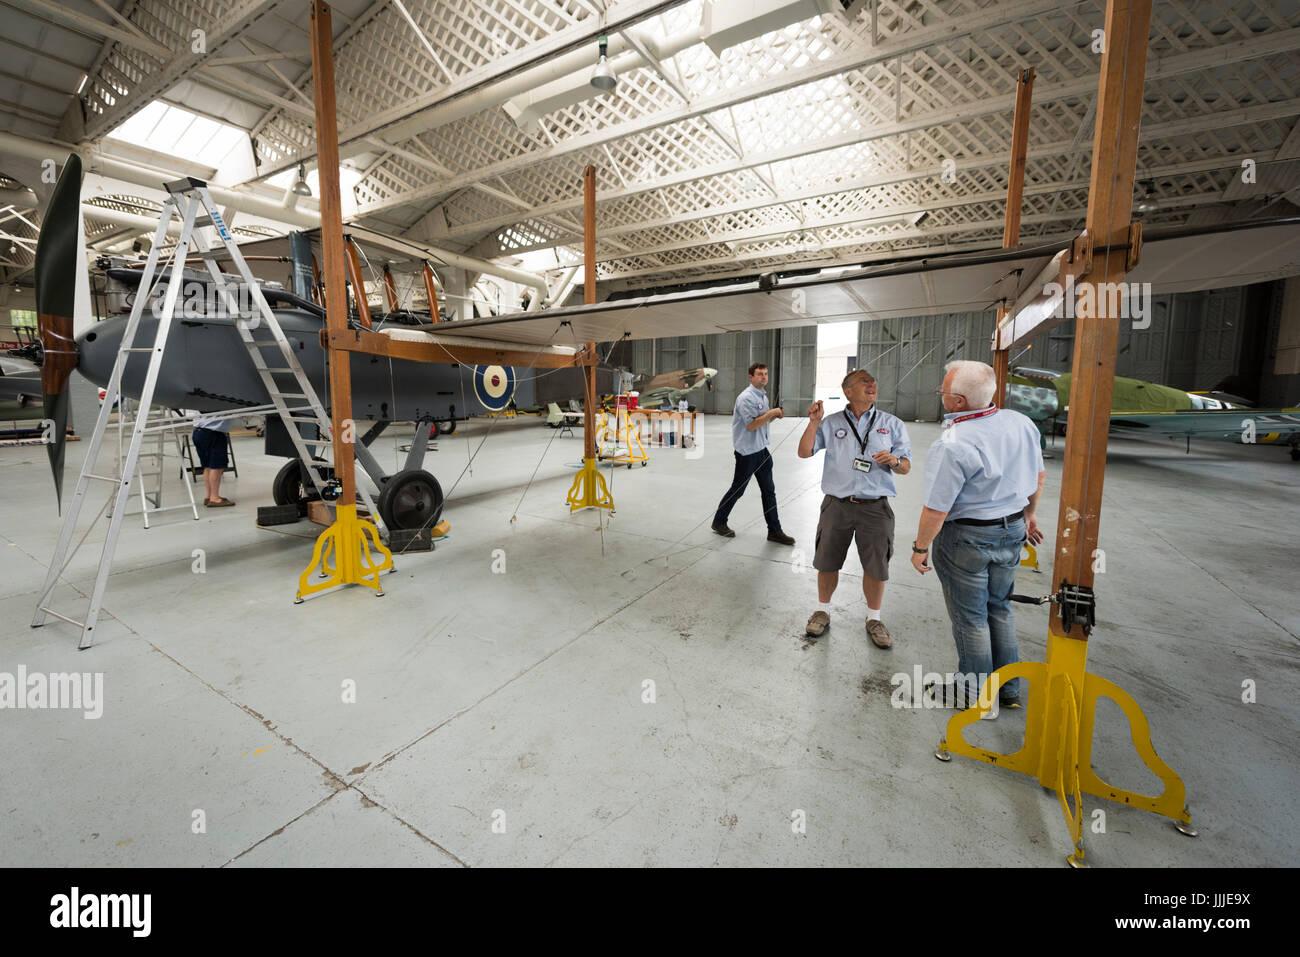 Duxford Cambridgeshire, Royaume-Uni. 20 juillet, 2017. Un rare première Guerre Mondiale De Havilland DH9 pour les bombardiers a été entièrement restauré et il est maintenant en cours d'assemblage pour l'affichage et vol à l'Imperial War Museum. L'avion a 100 ans, en cours d'assemblage dans un WW1 cintre sur le 100e anniversaire de l'Imperial War Museum. L'avion est le seul au Royaume-Uni et a été restauré après avoir été trouvés dans un éléphant stable à la Palace de Bikaner, Rajasthan, Inde. Credit: Julian Eales/Alamy Live News Banque D'Images